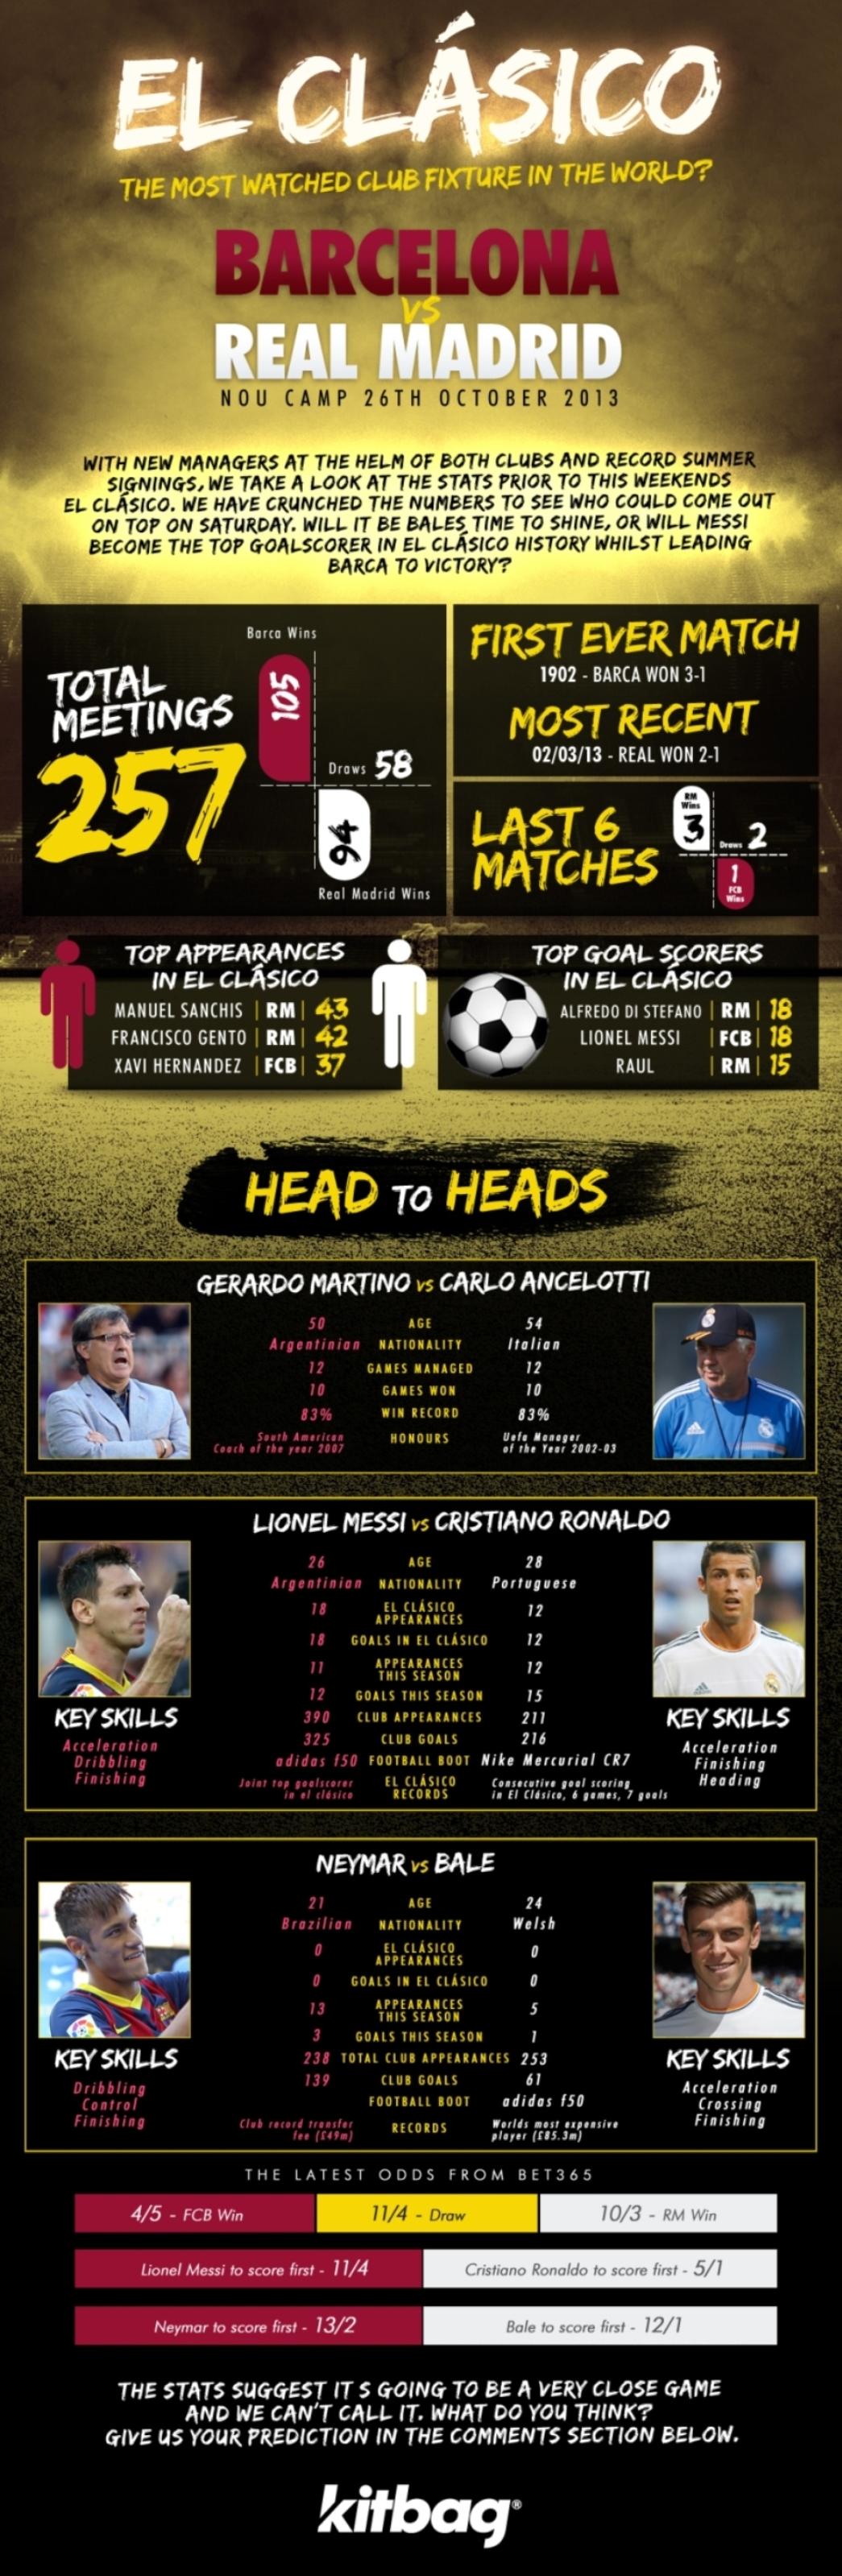 05 El-classico-infographic